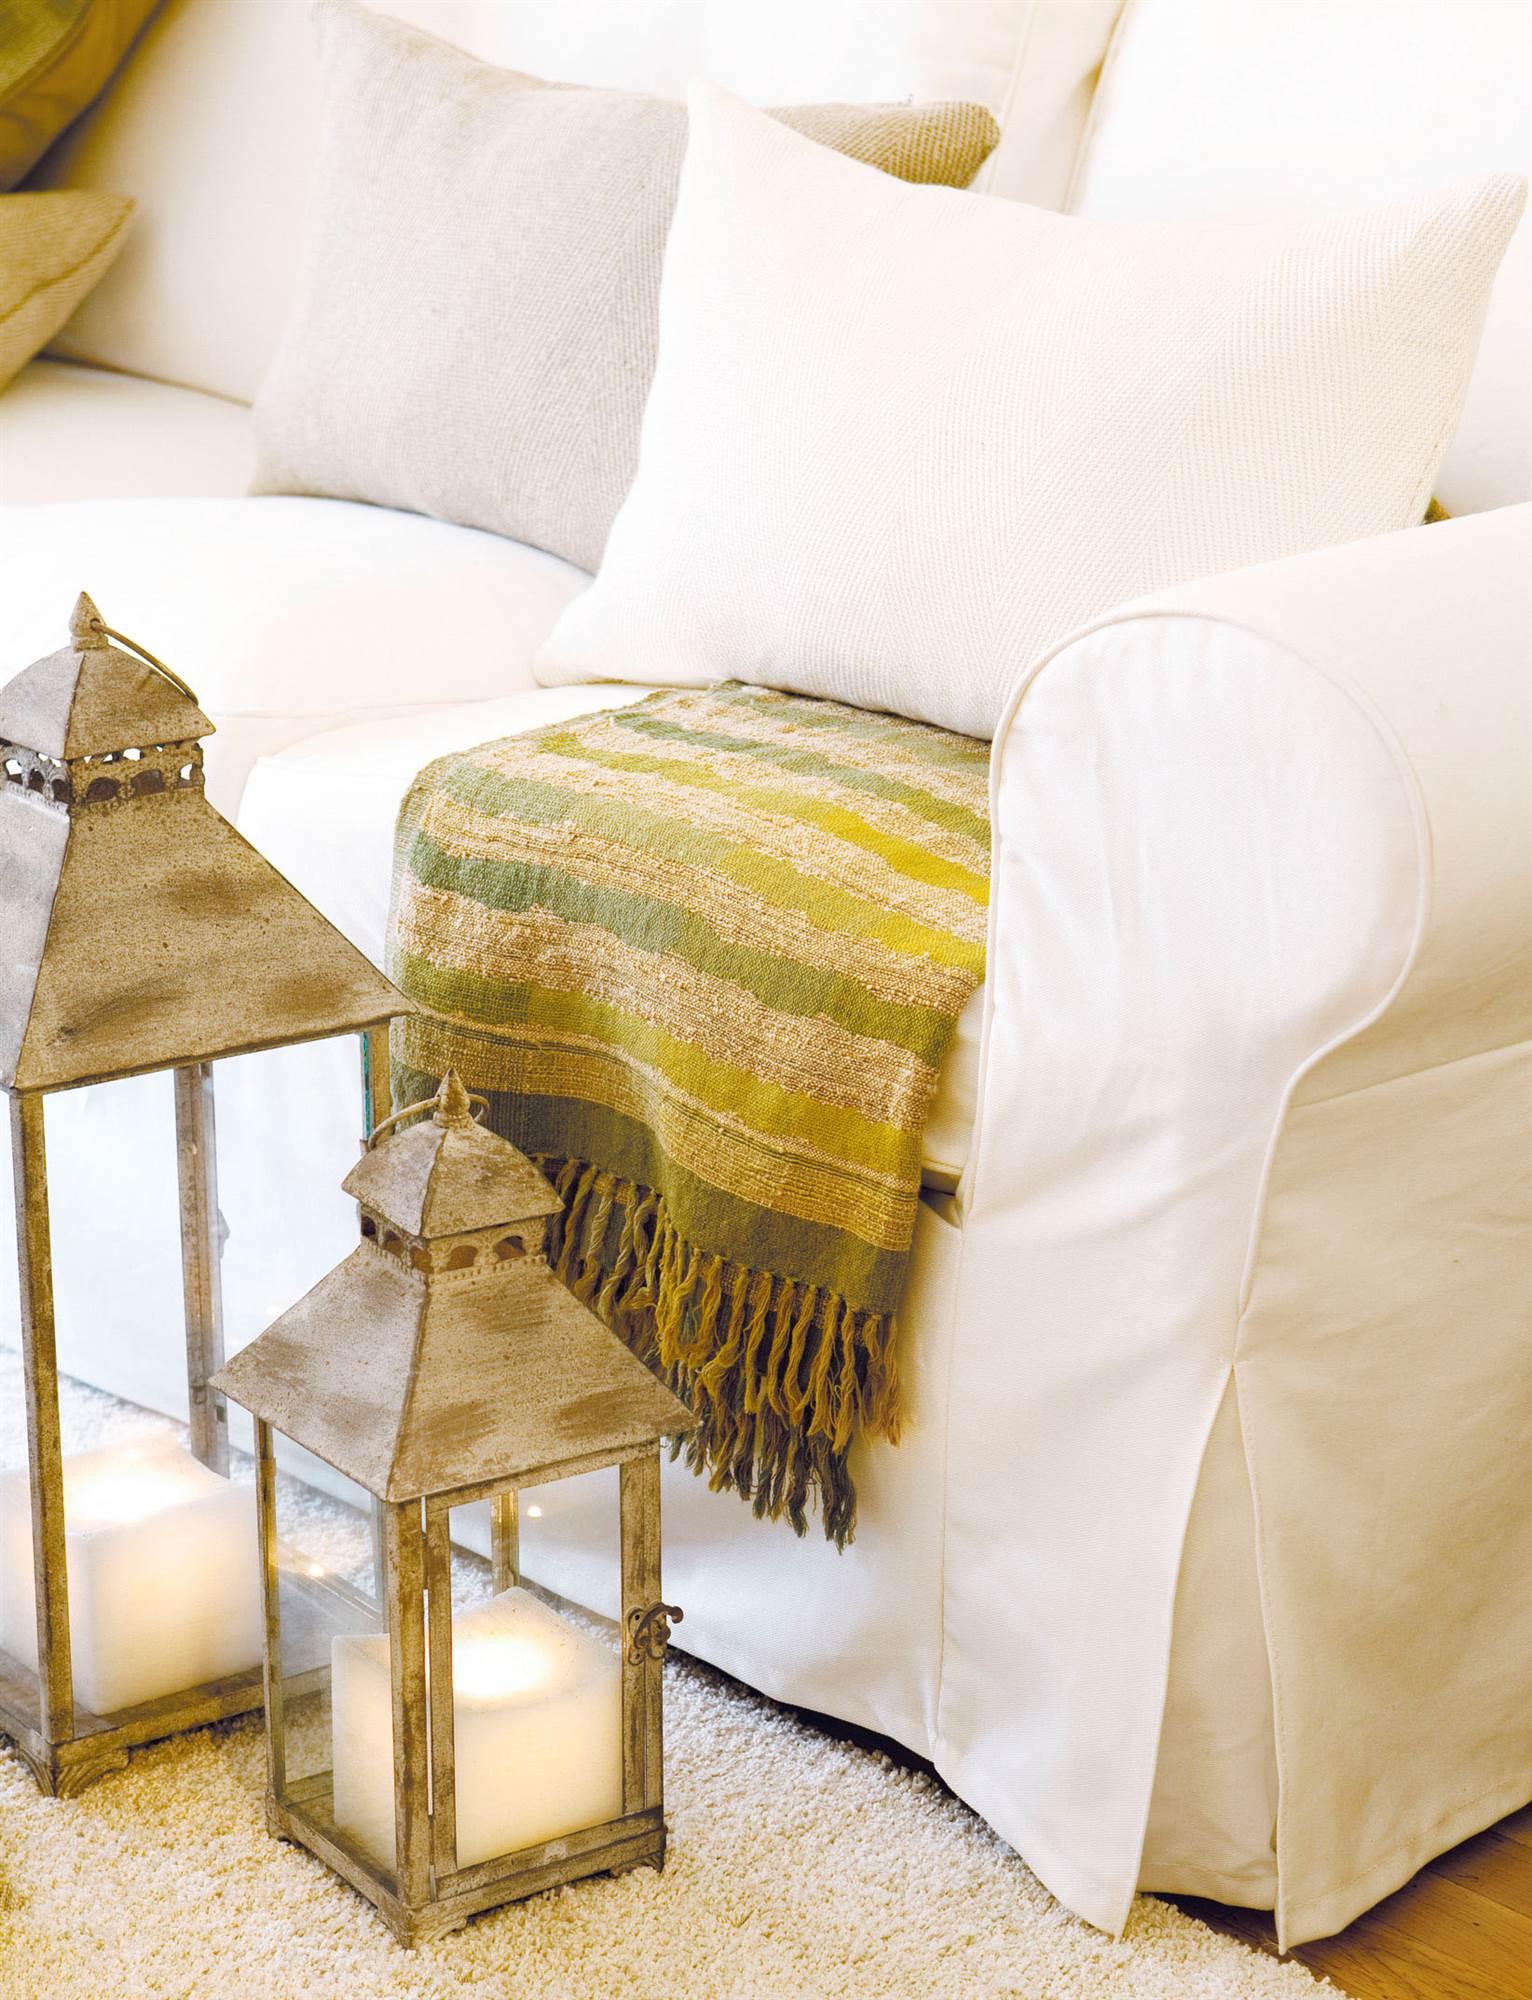 Como hacer forro para muebles paso a paso buscar con google - Como hacer fundas de sofa paso a paso ...